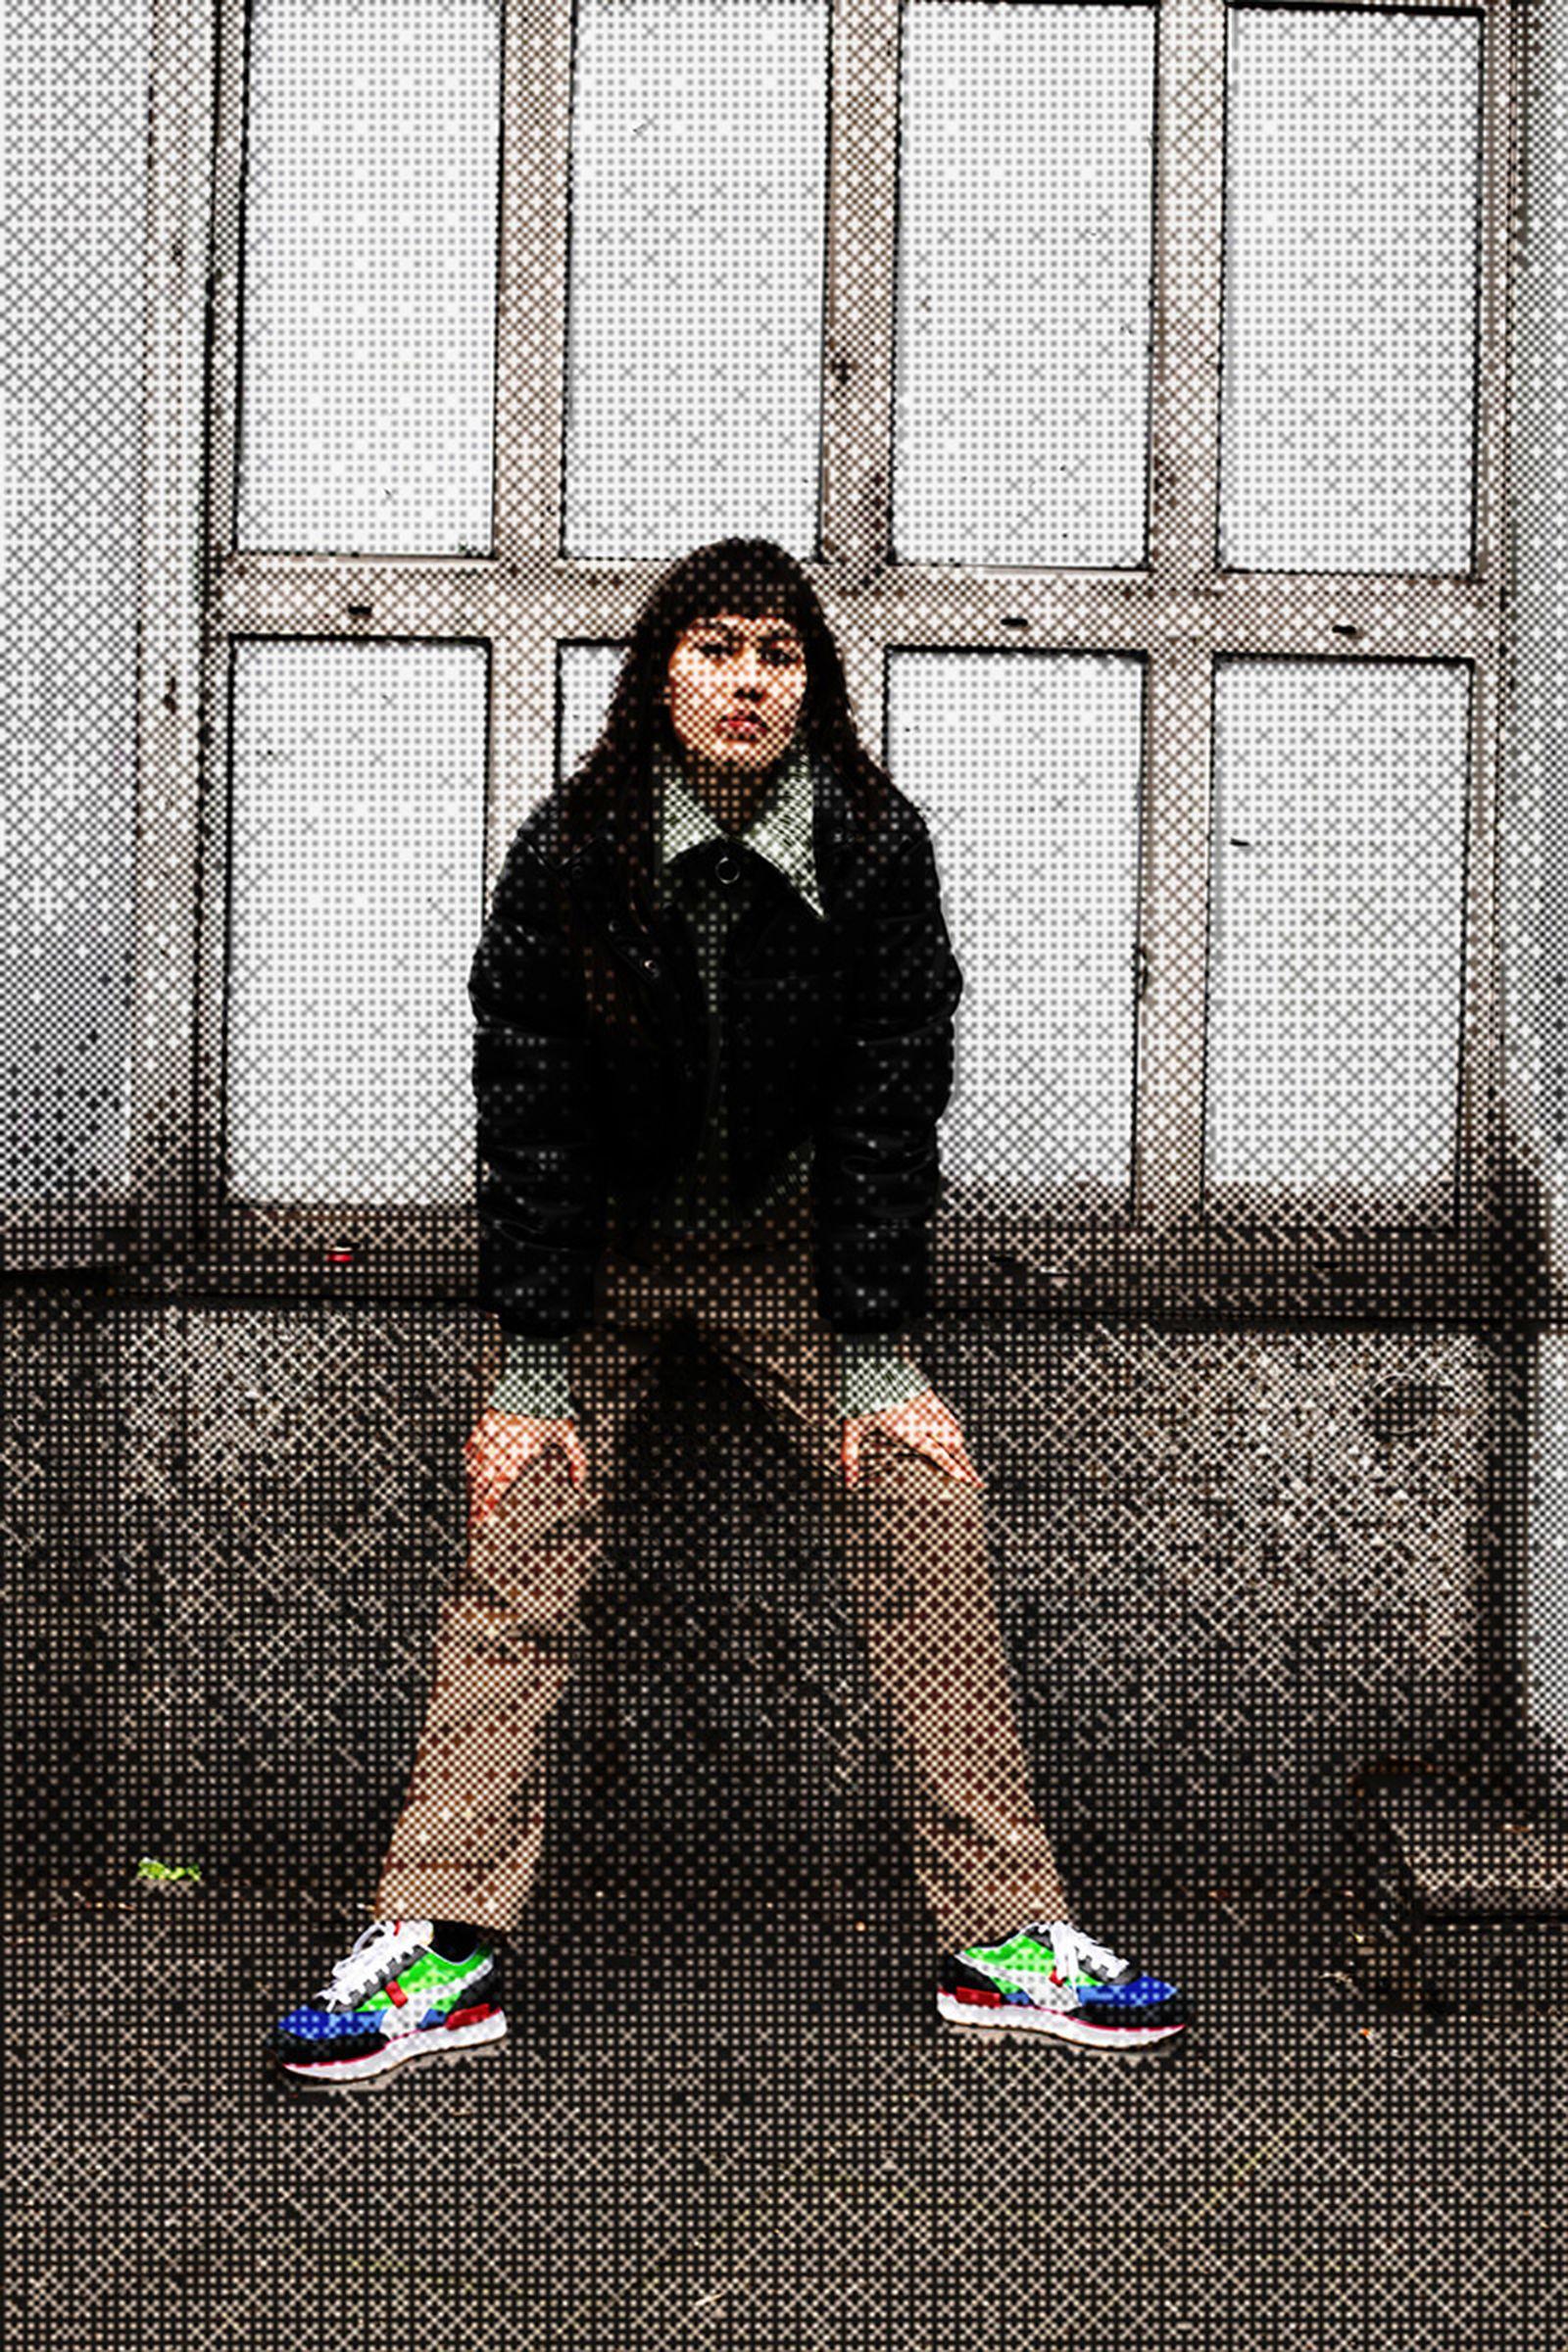 puma-gameboy-new-03